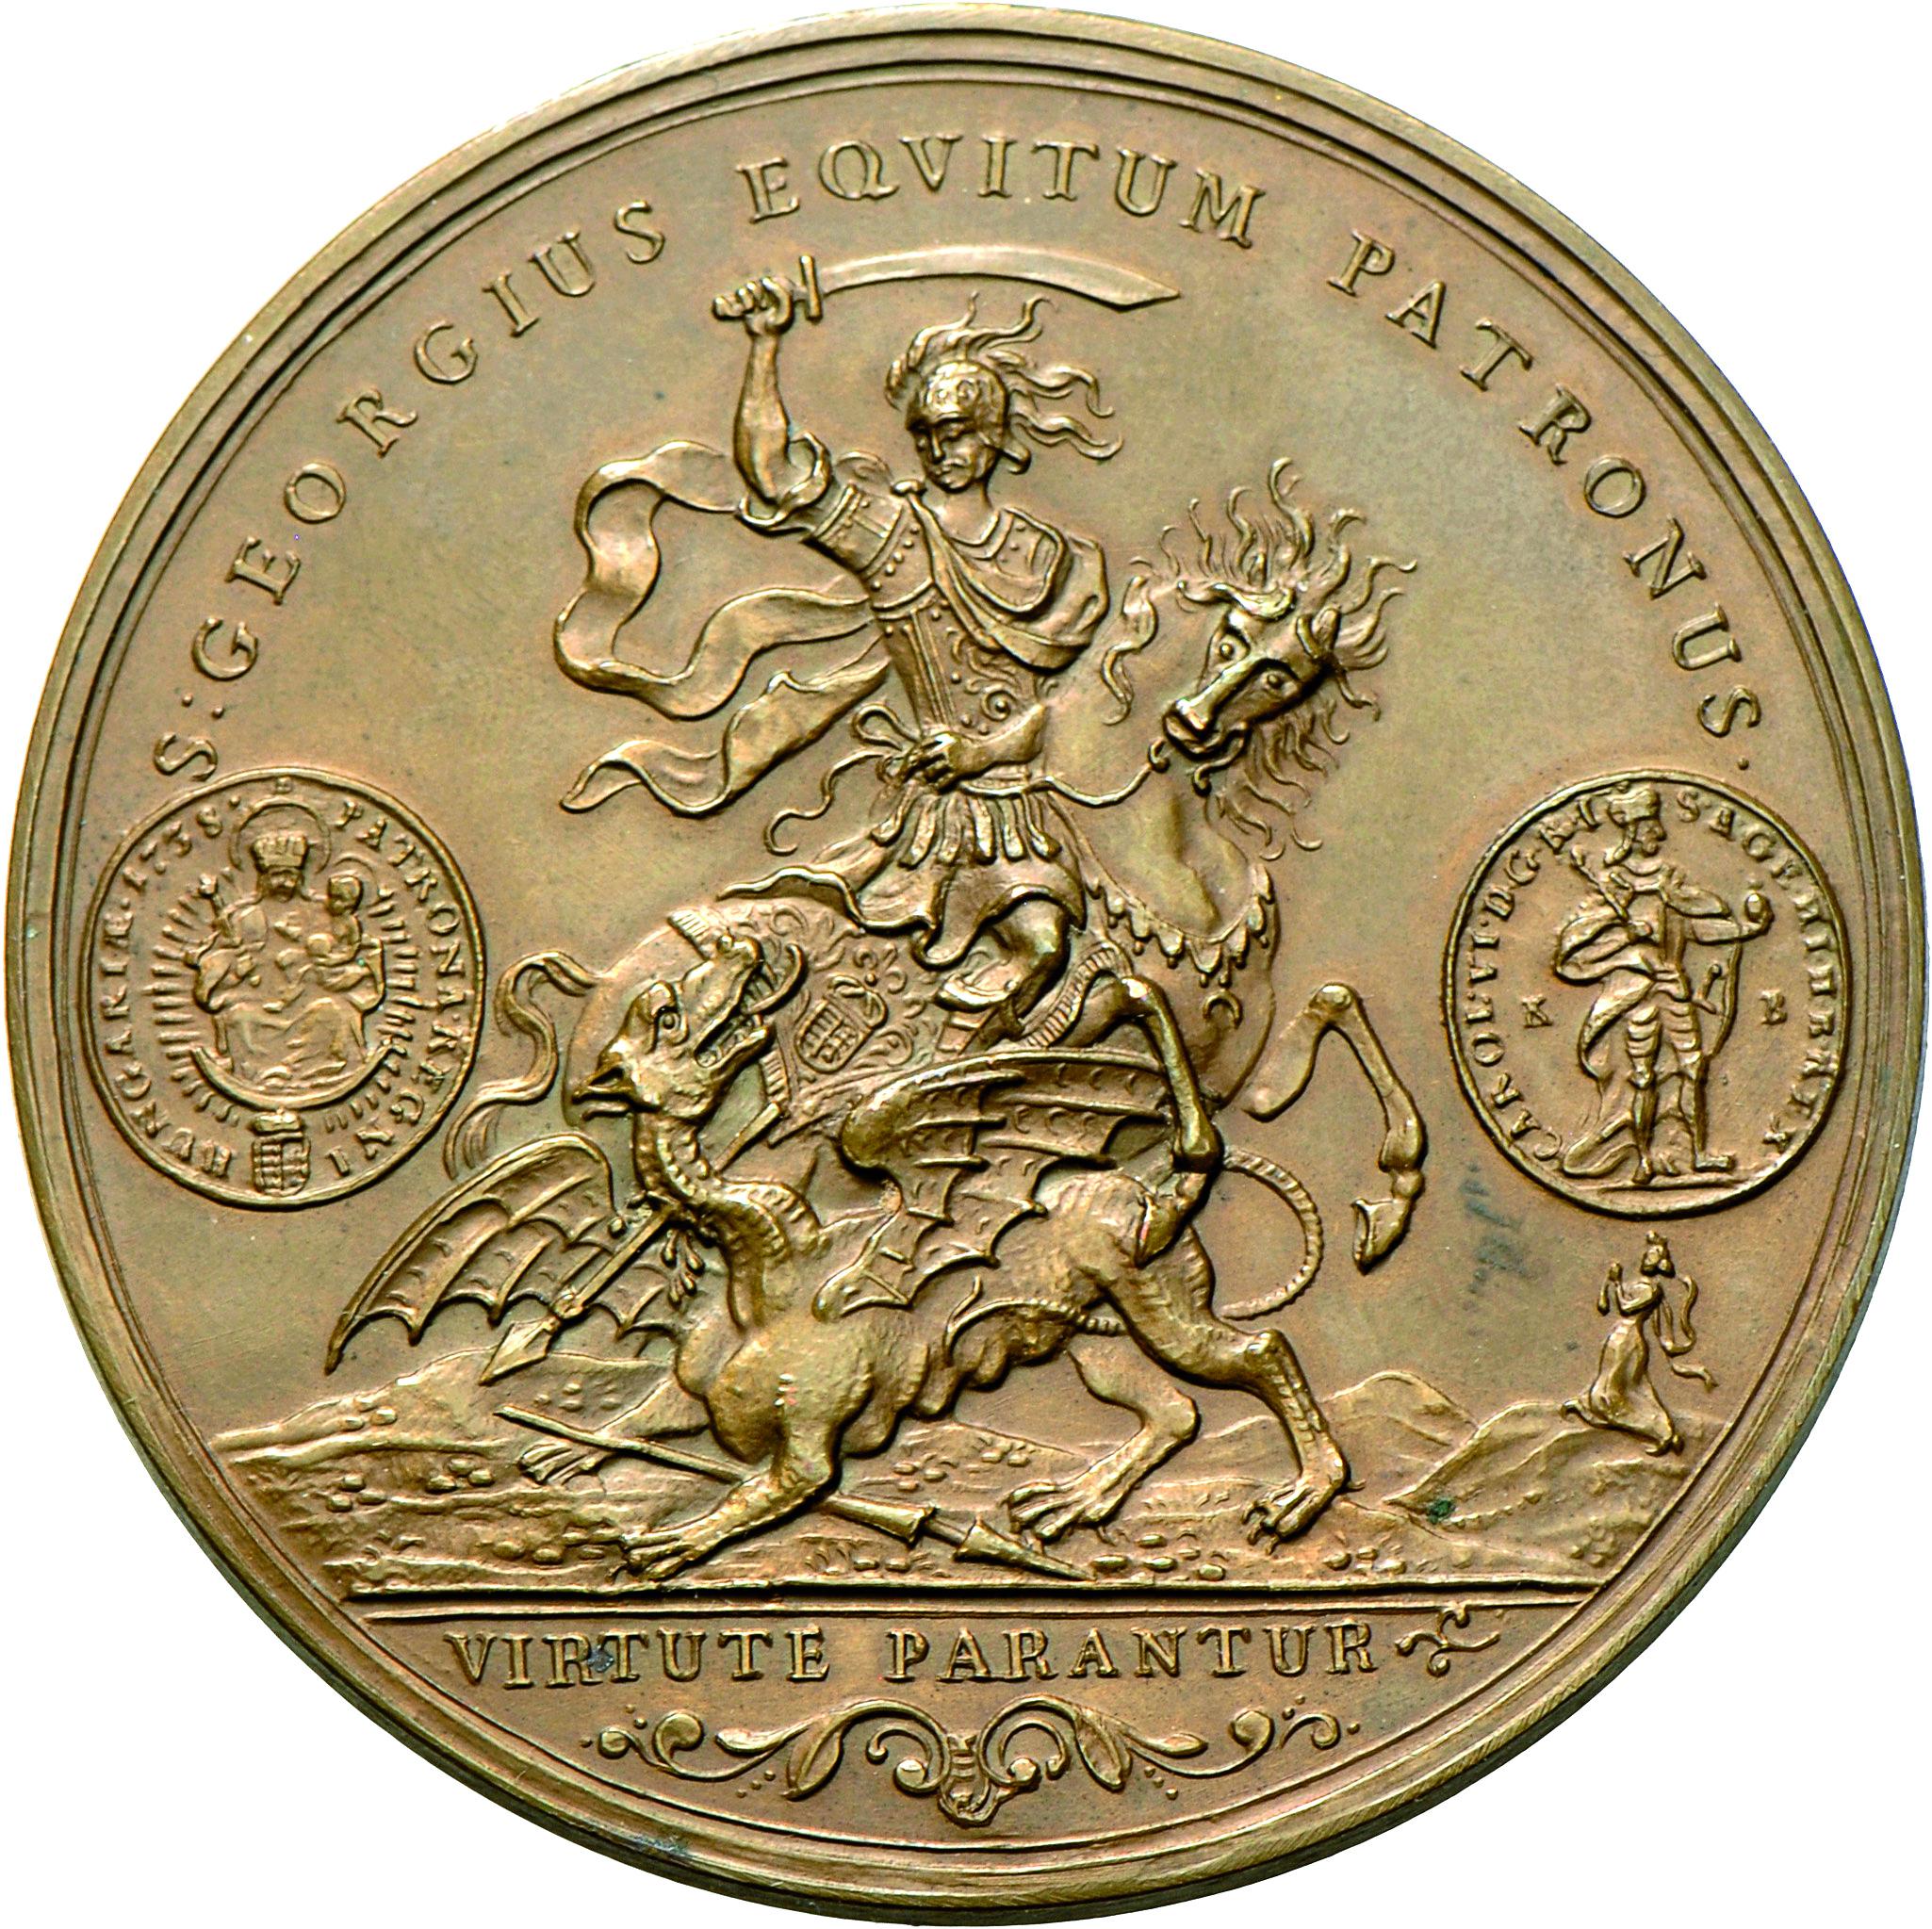 Lot 4805 - Medaillen Deutschland | Münzen  -  Auktionshaus Christoph Gärtner GmbH & Co. KG Banknotes & Coins Auction #39 Day 2